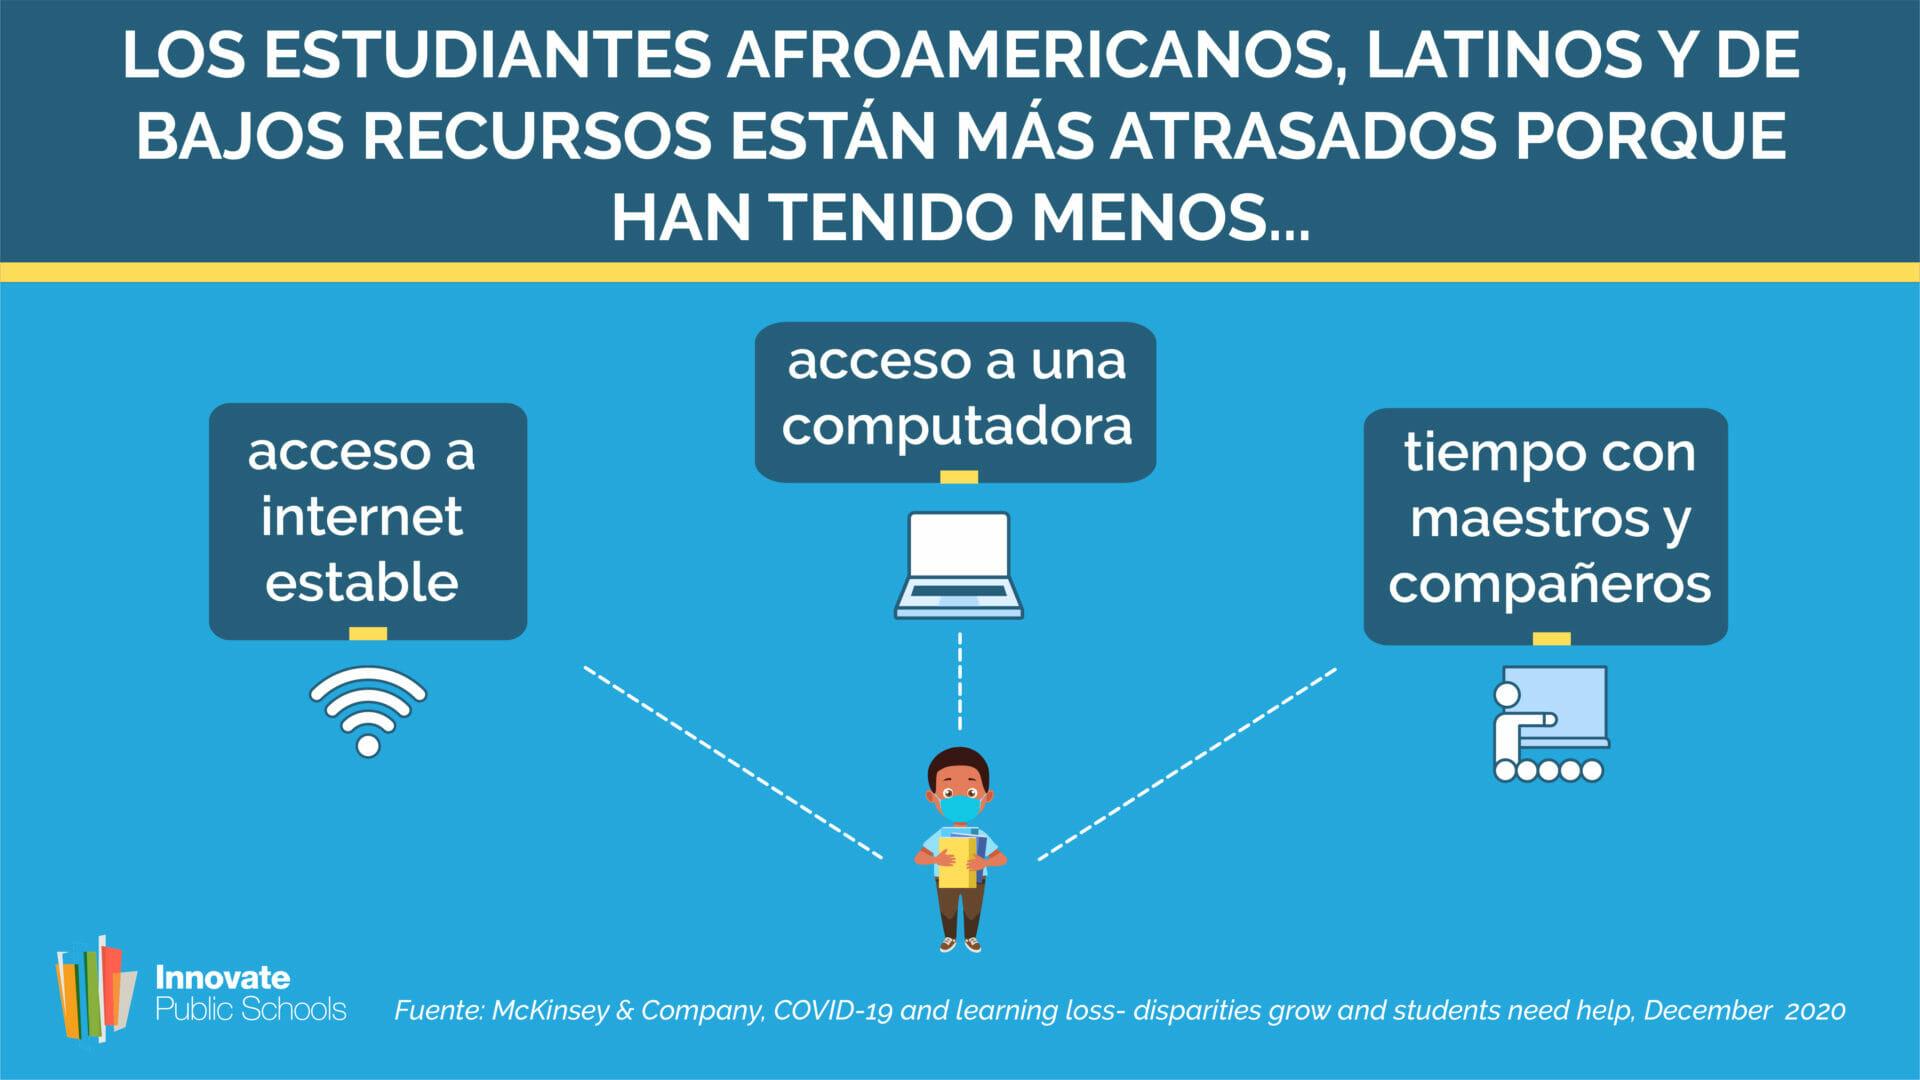 Los Estudiantes Afroamericanos, Latinos y de Bajos Recursos Reciben Menos